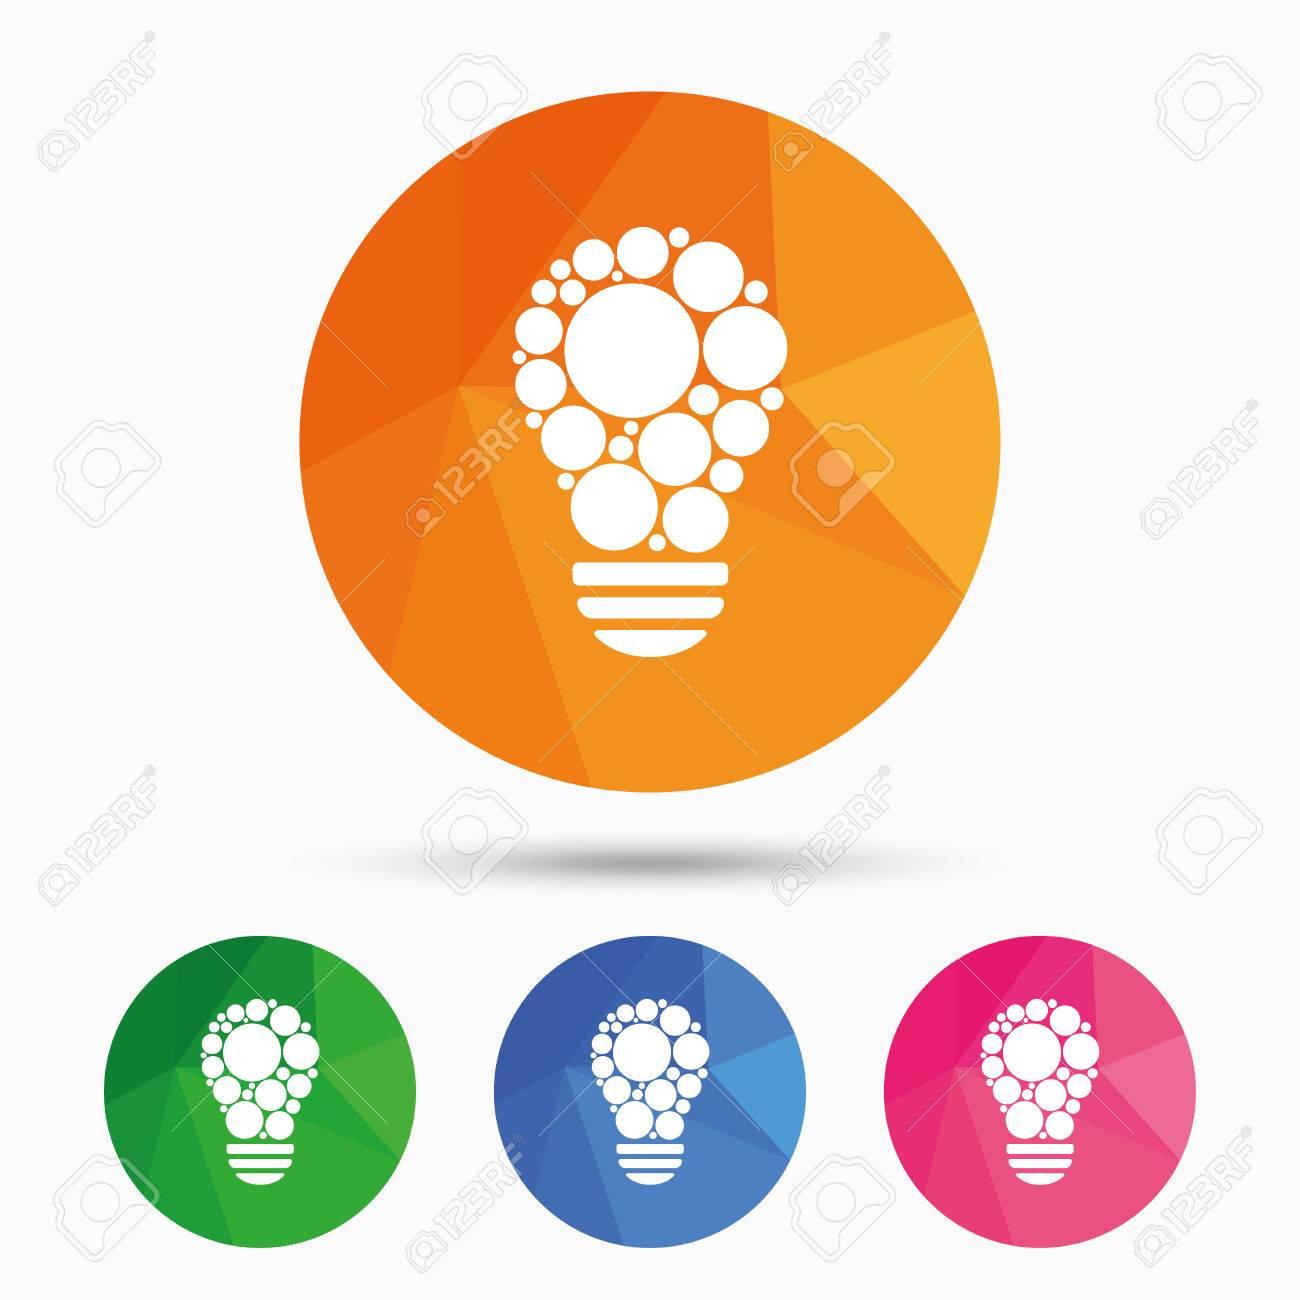 Lumière lampe signe icône  Ampoule avec le symbole des cercles  symbole  Idée  Triangulaire bas bouton poly avec l'icône plat  Vecteur